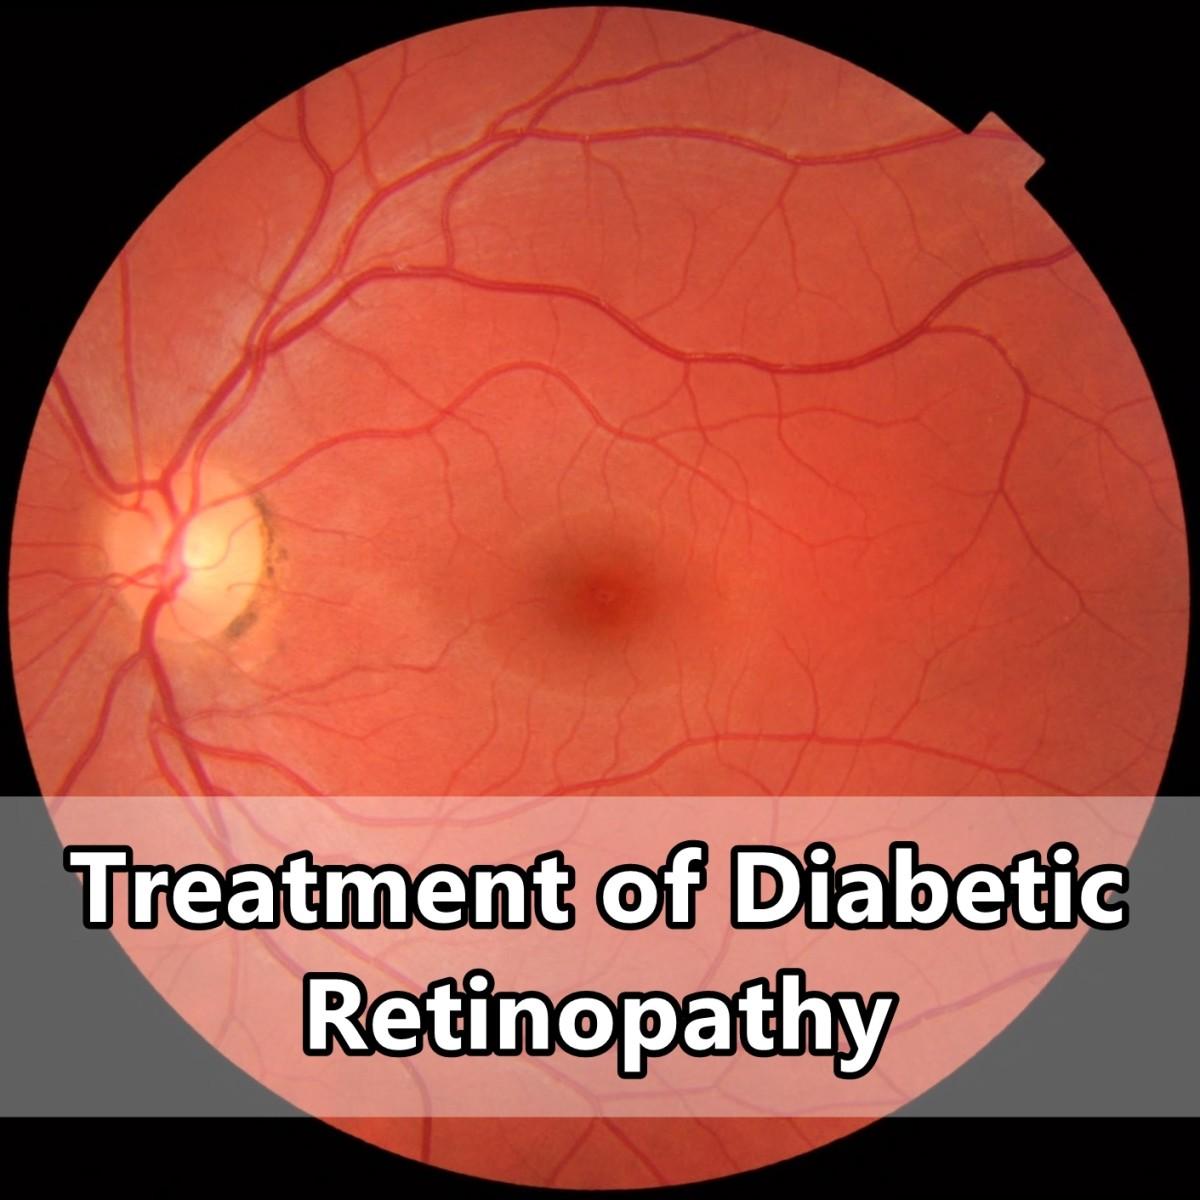 A normal retina